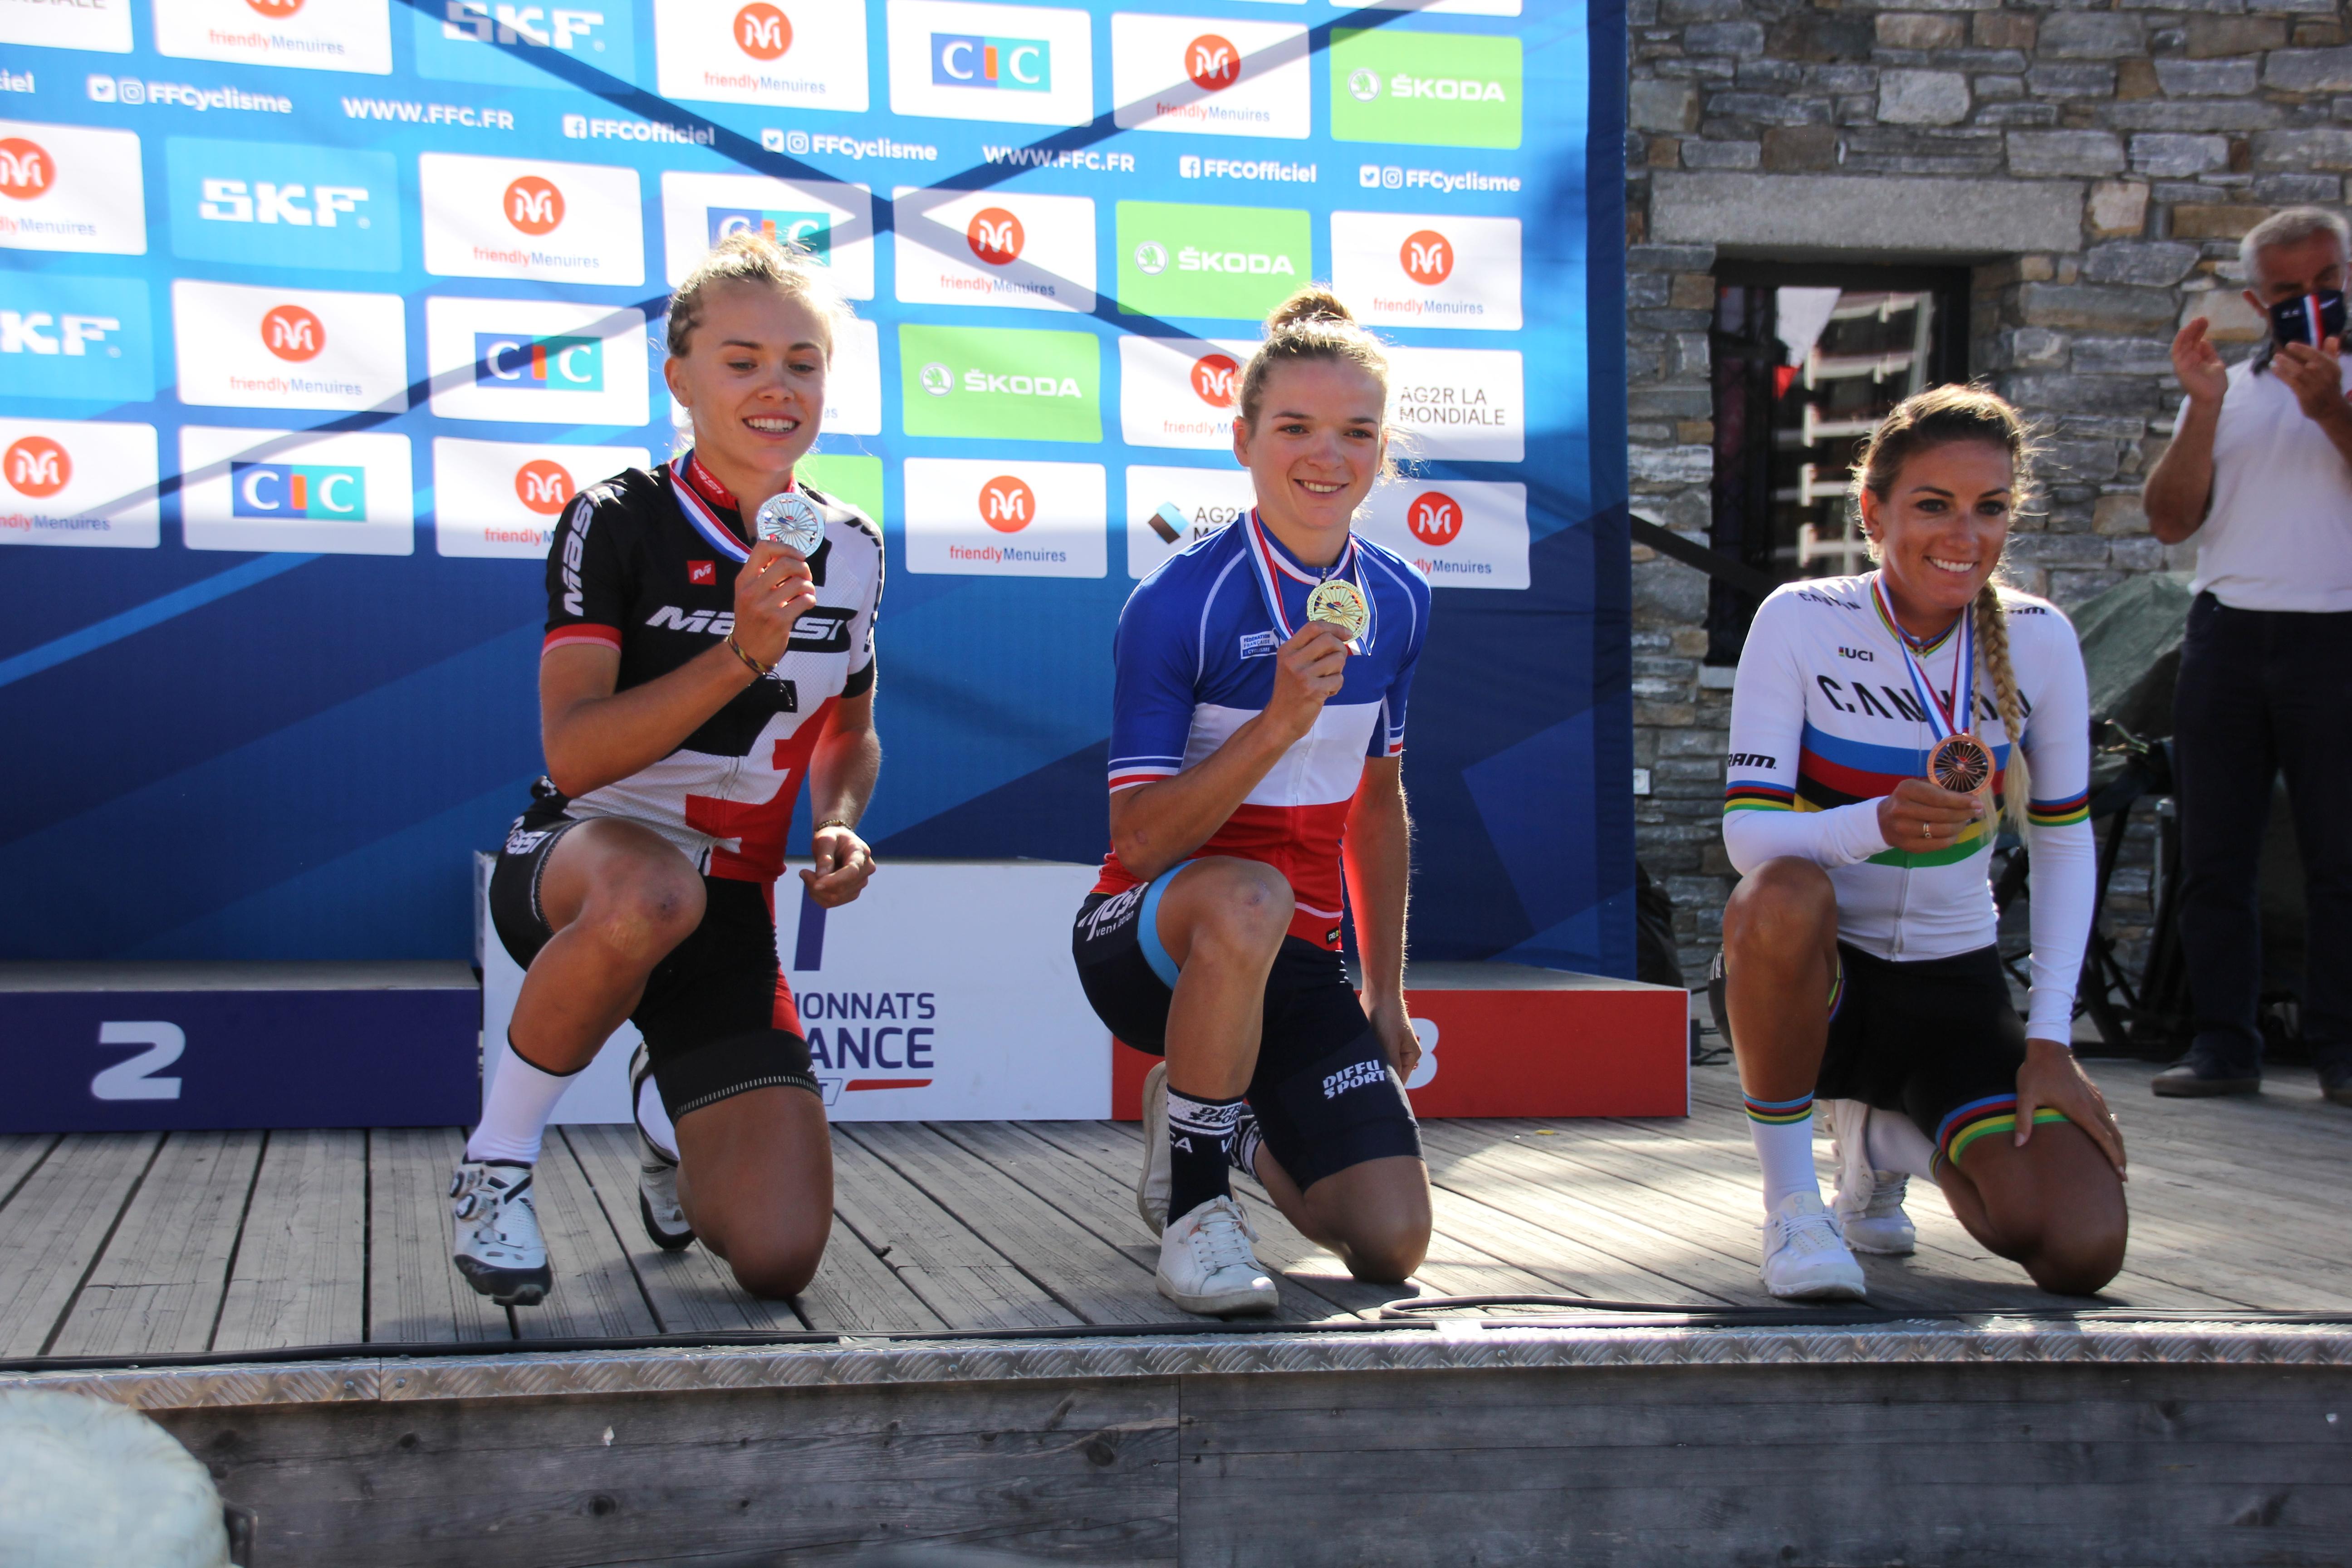 Médaille de bronze lors des championnats de France XCO aux Menuires